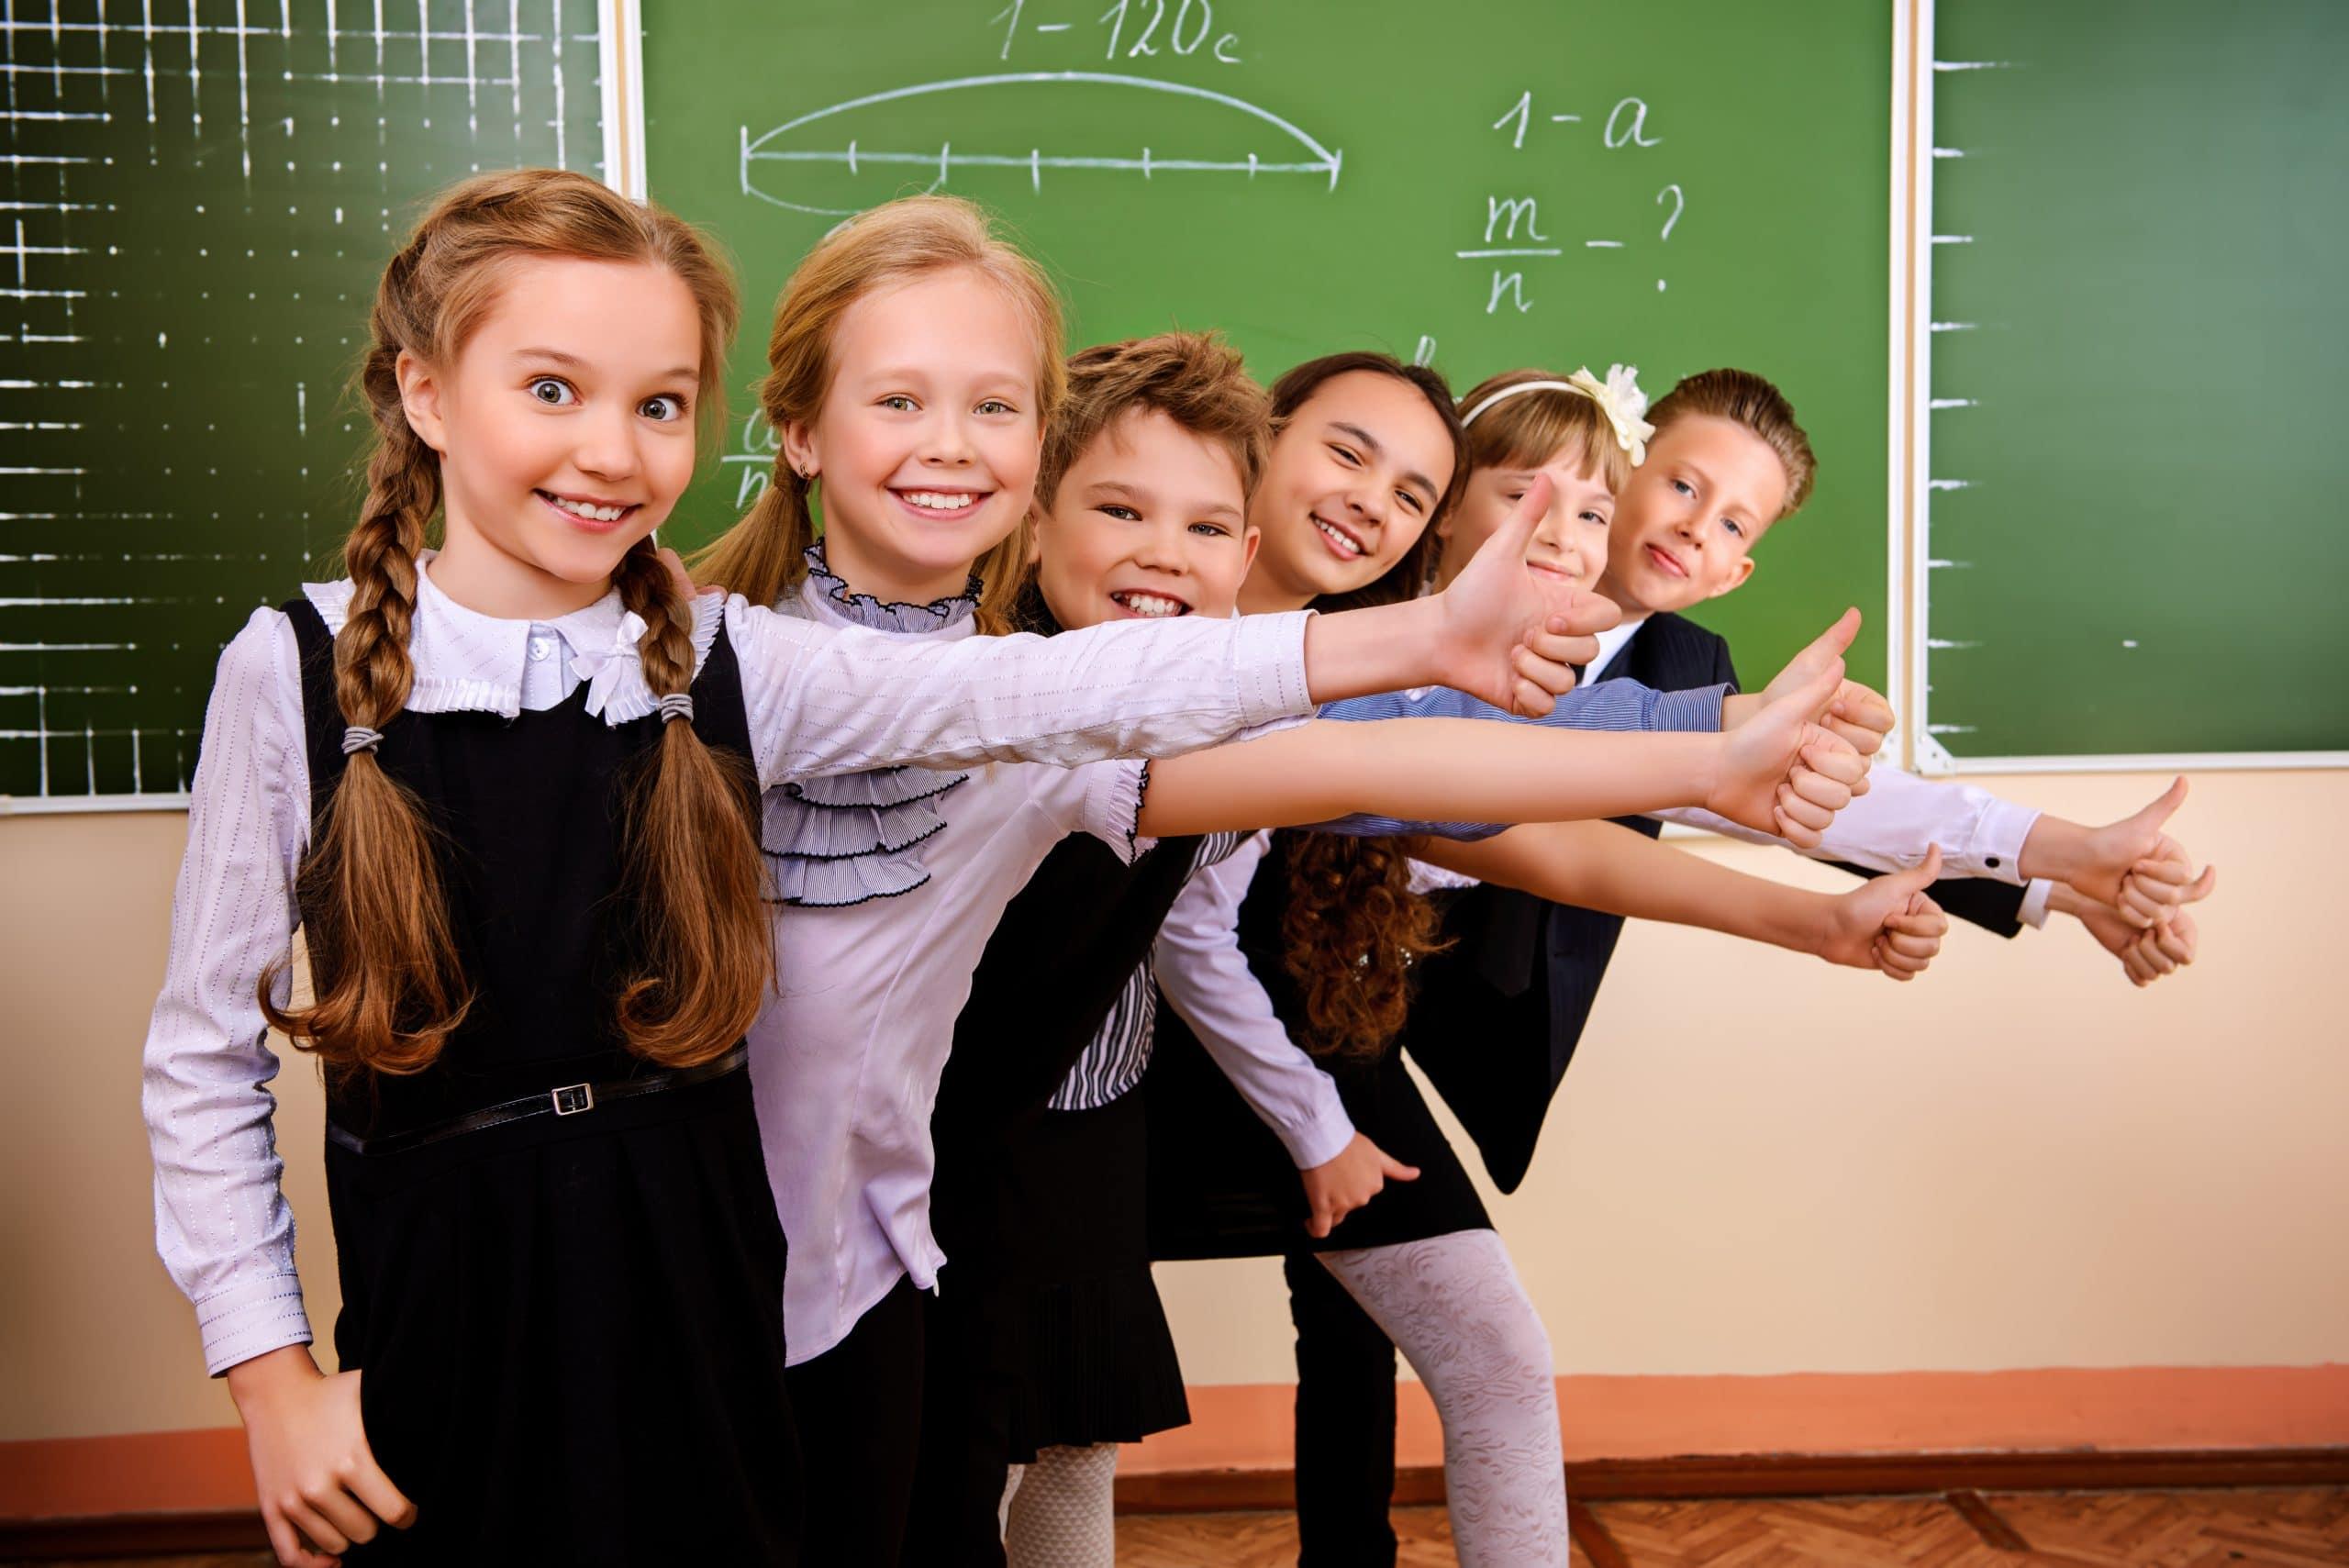 территории нужна картинка для школы блокады ленинграда это